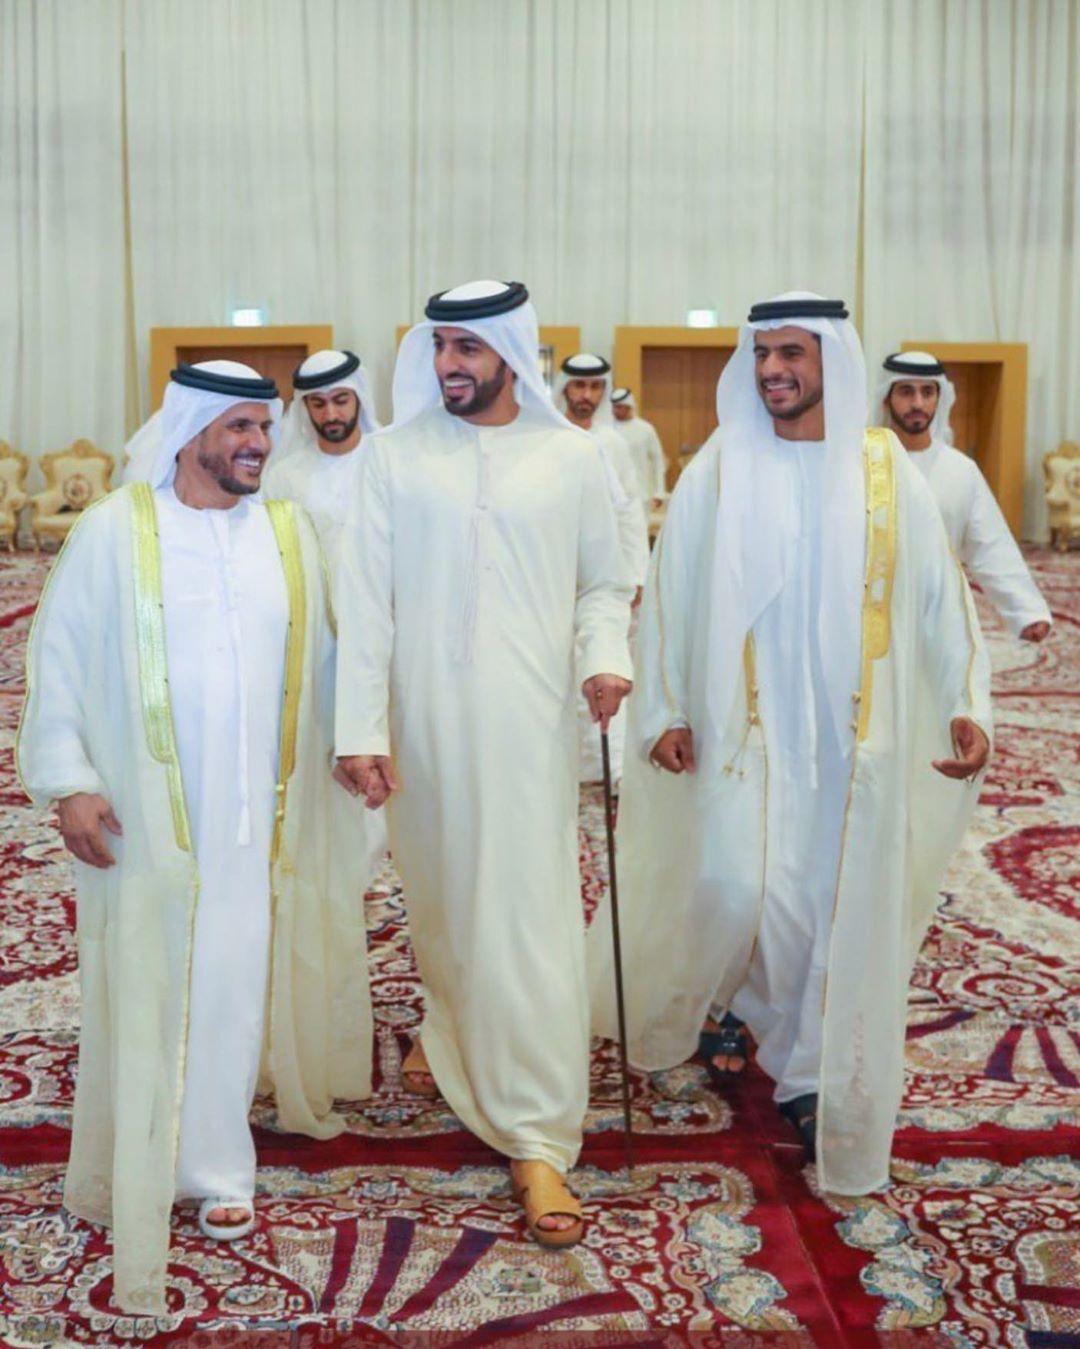 شكرا لسمو الشيخ راشد بن حميد بن راشد النعيمي على تشريفي في عرسي اليوم Rrr Ajman Dubai Emiratesroyalfamily Arab Men Fashion Academic Dress